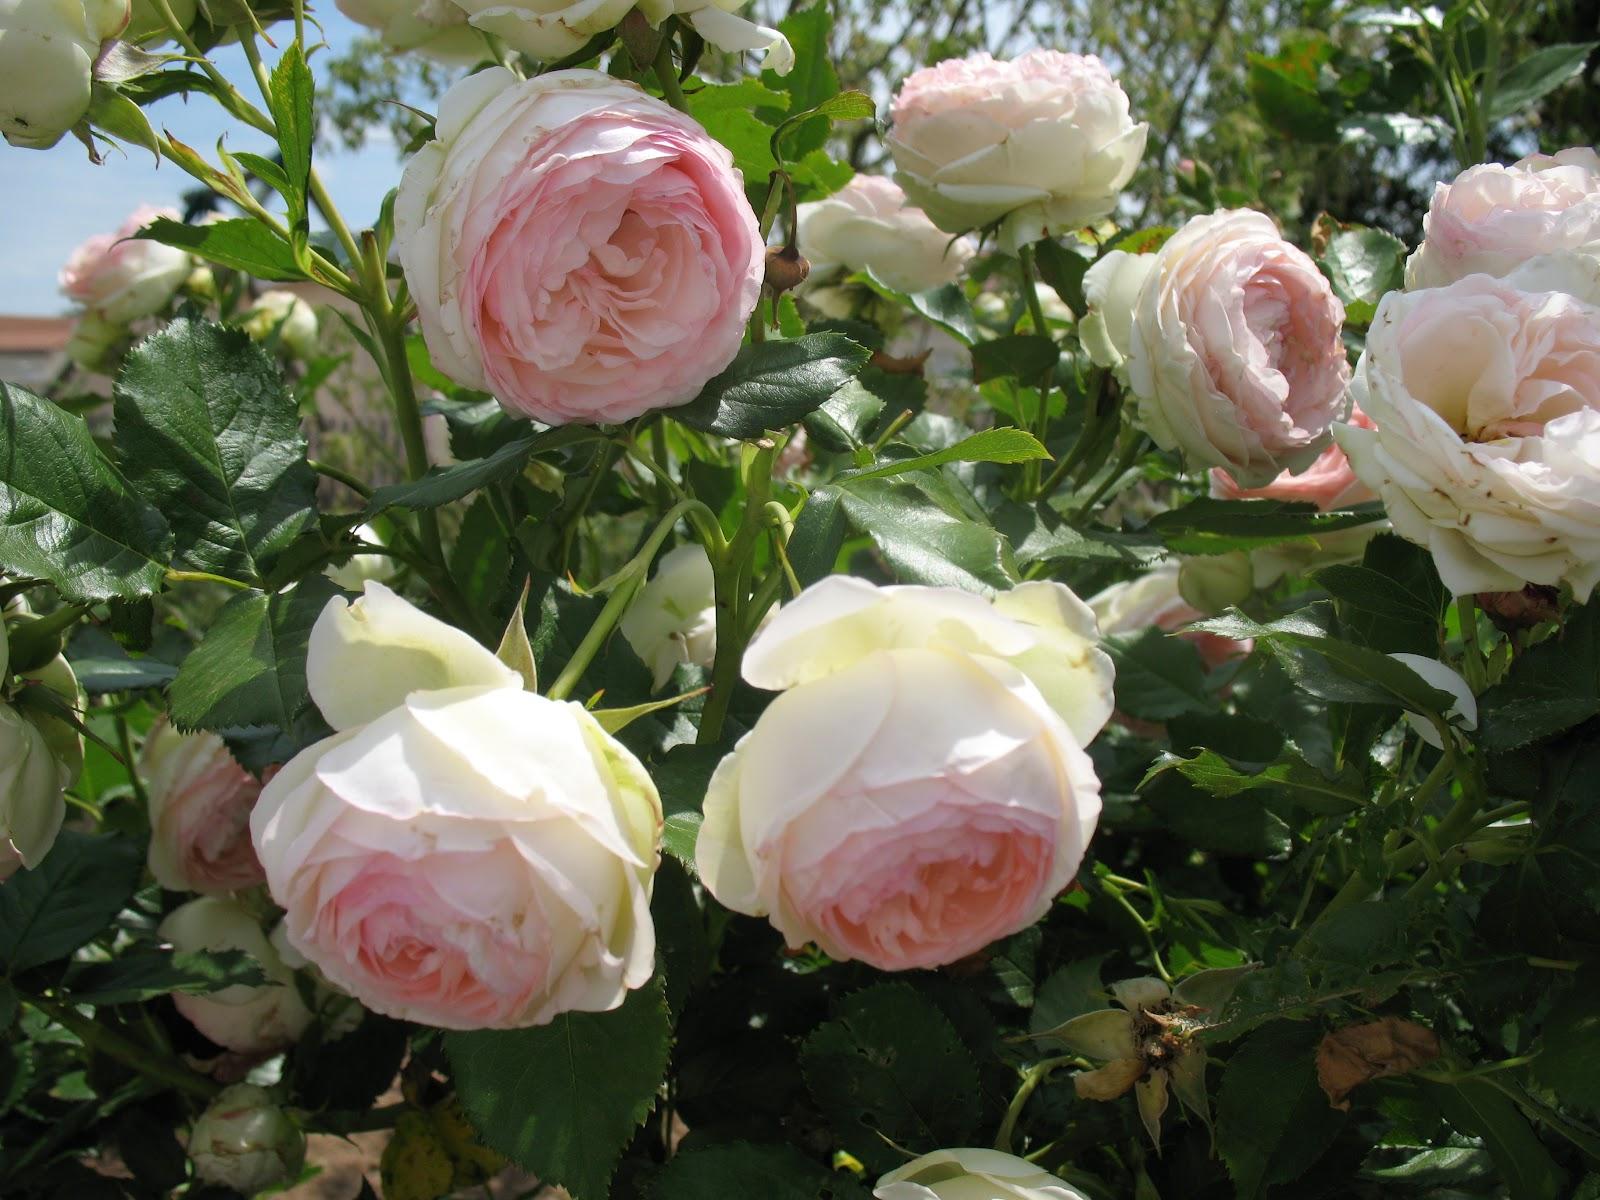 Roses du jardin ch neland rosier pierre de ronsard - Quand couper les rosiers ...